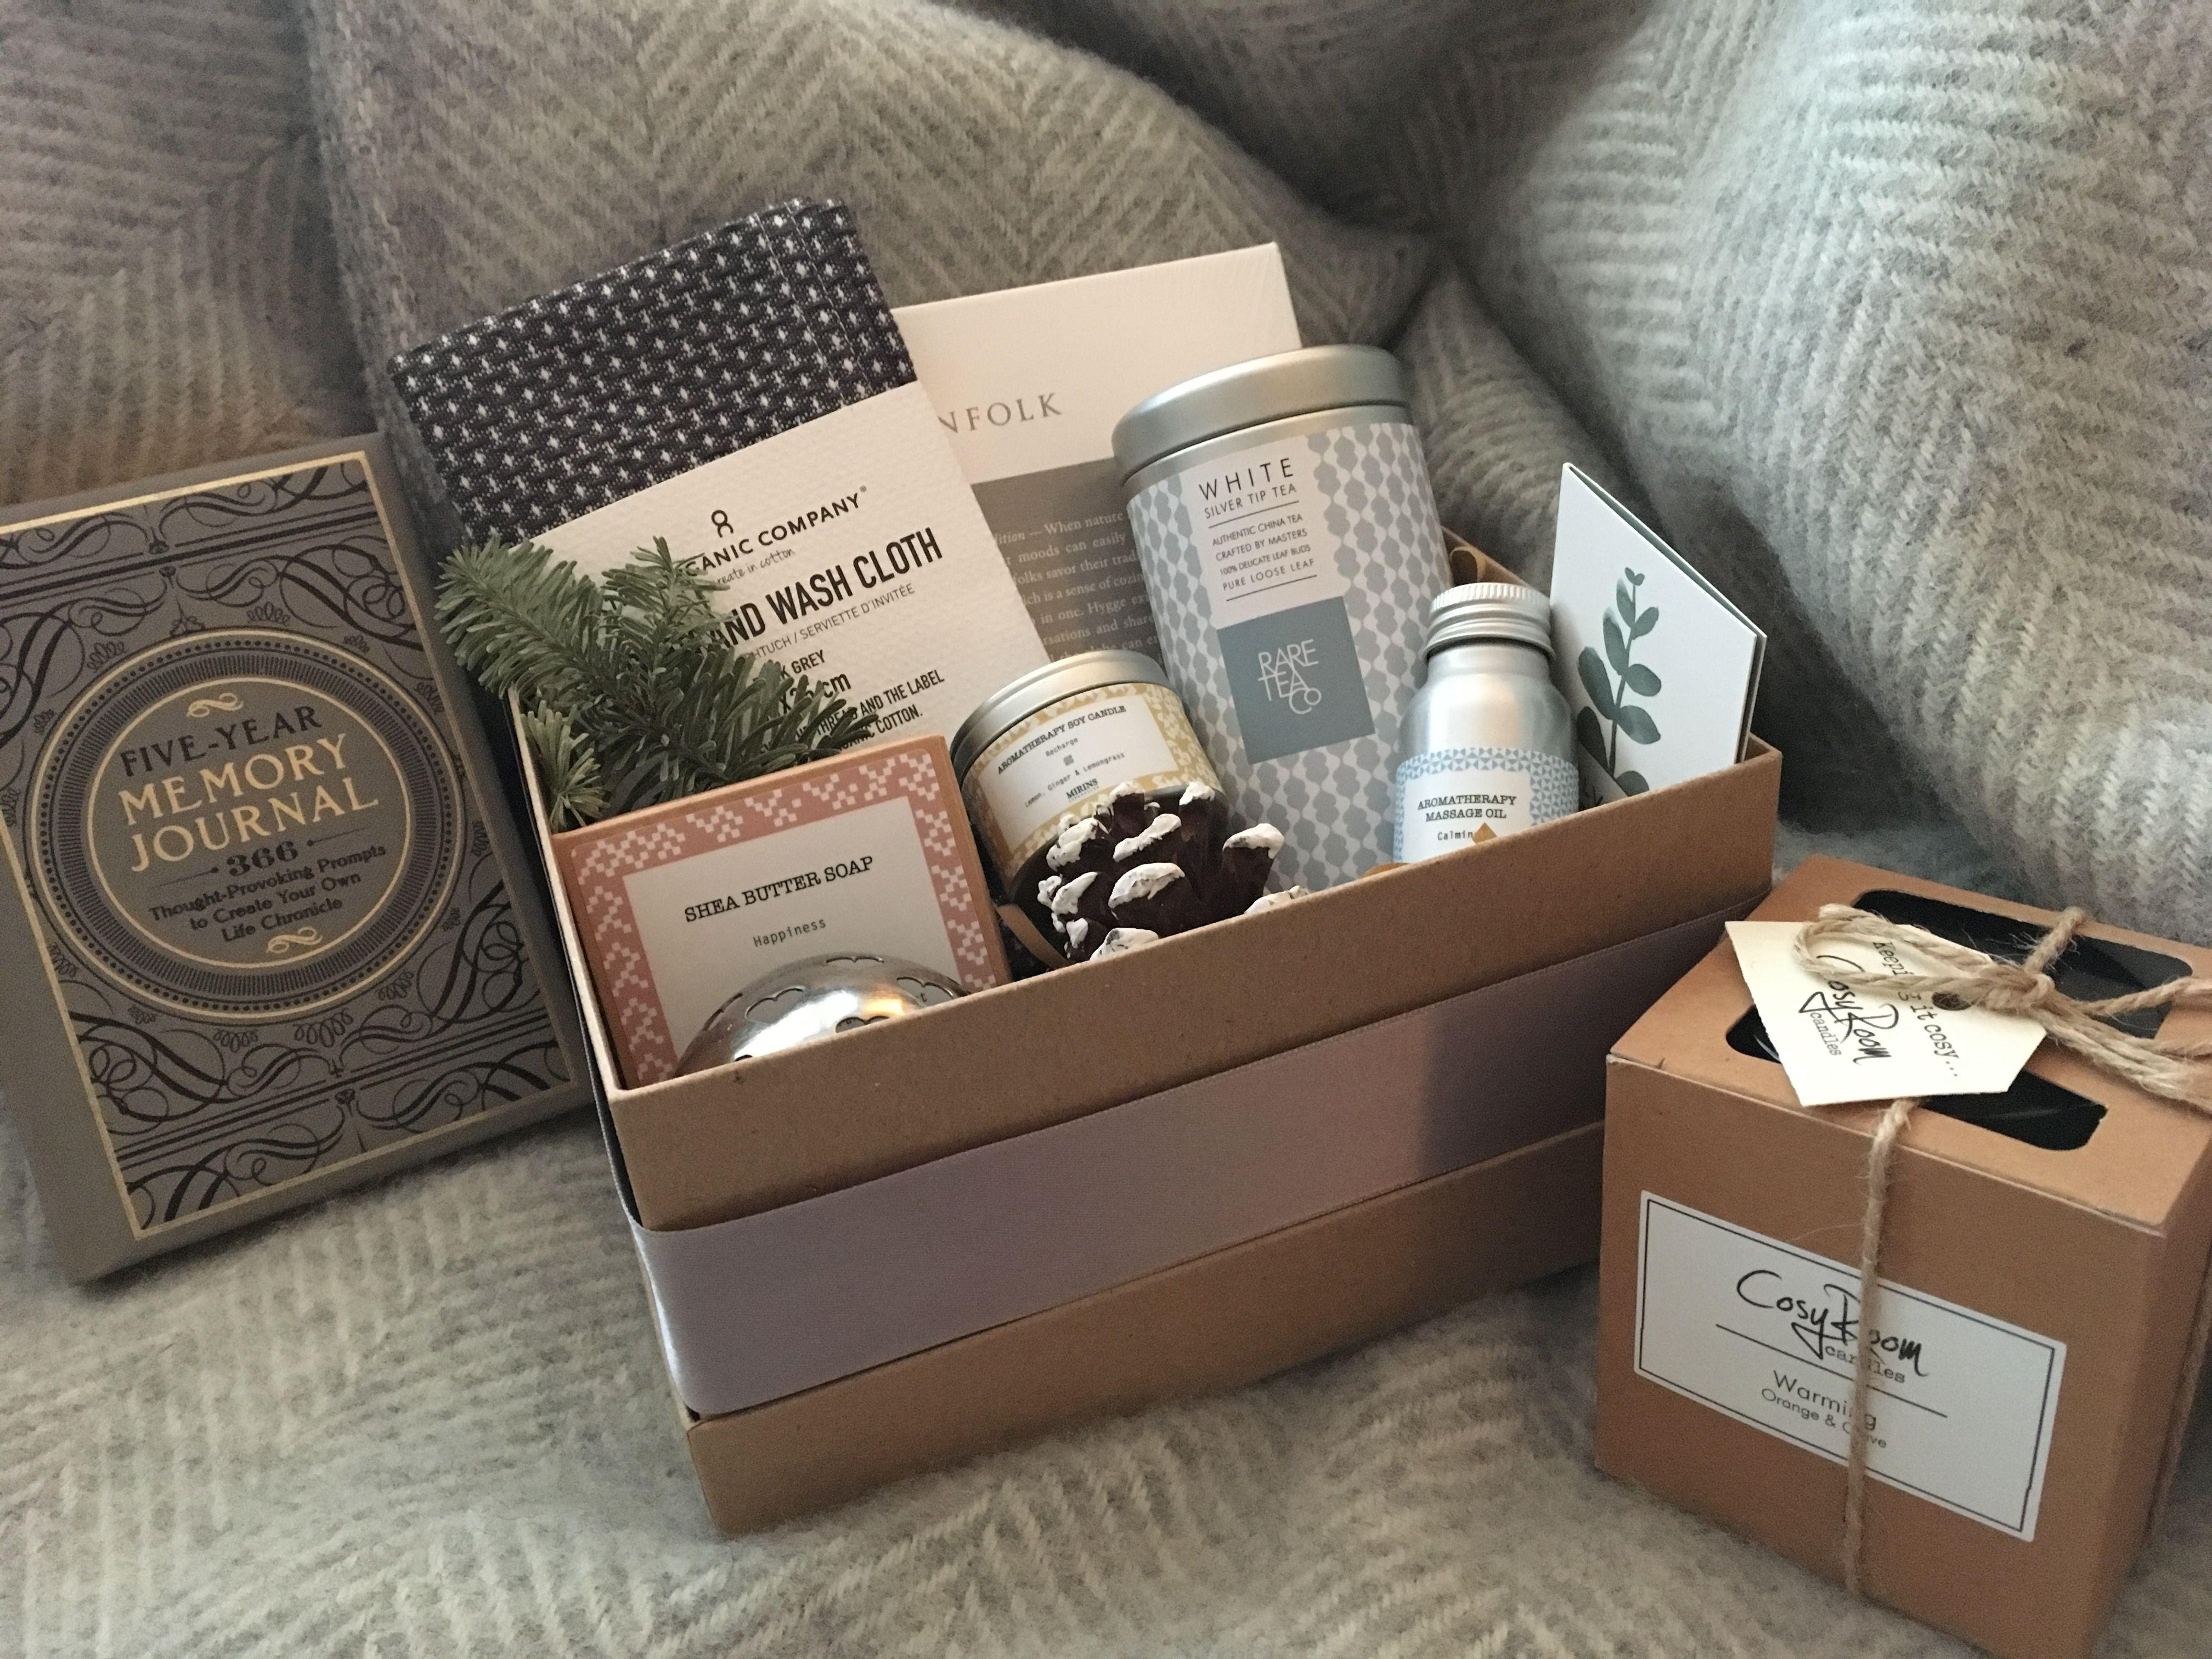 Hygge box, regala bienestar en casa con una caja llena de cariño, intención y tiempo, @Utrillanais